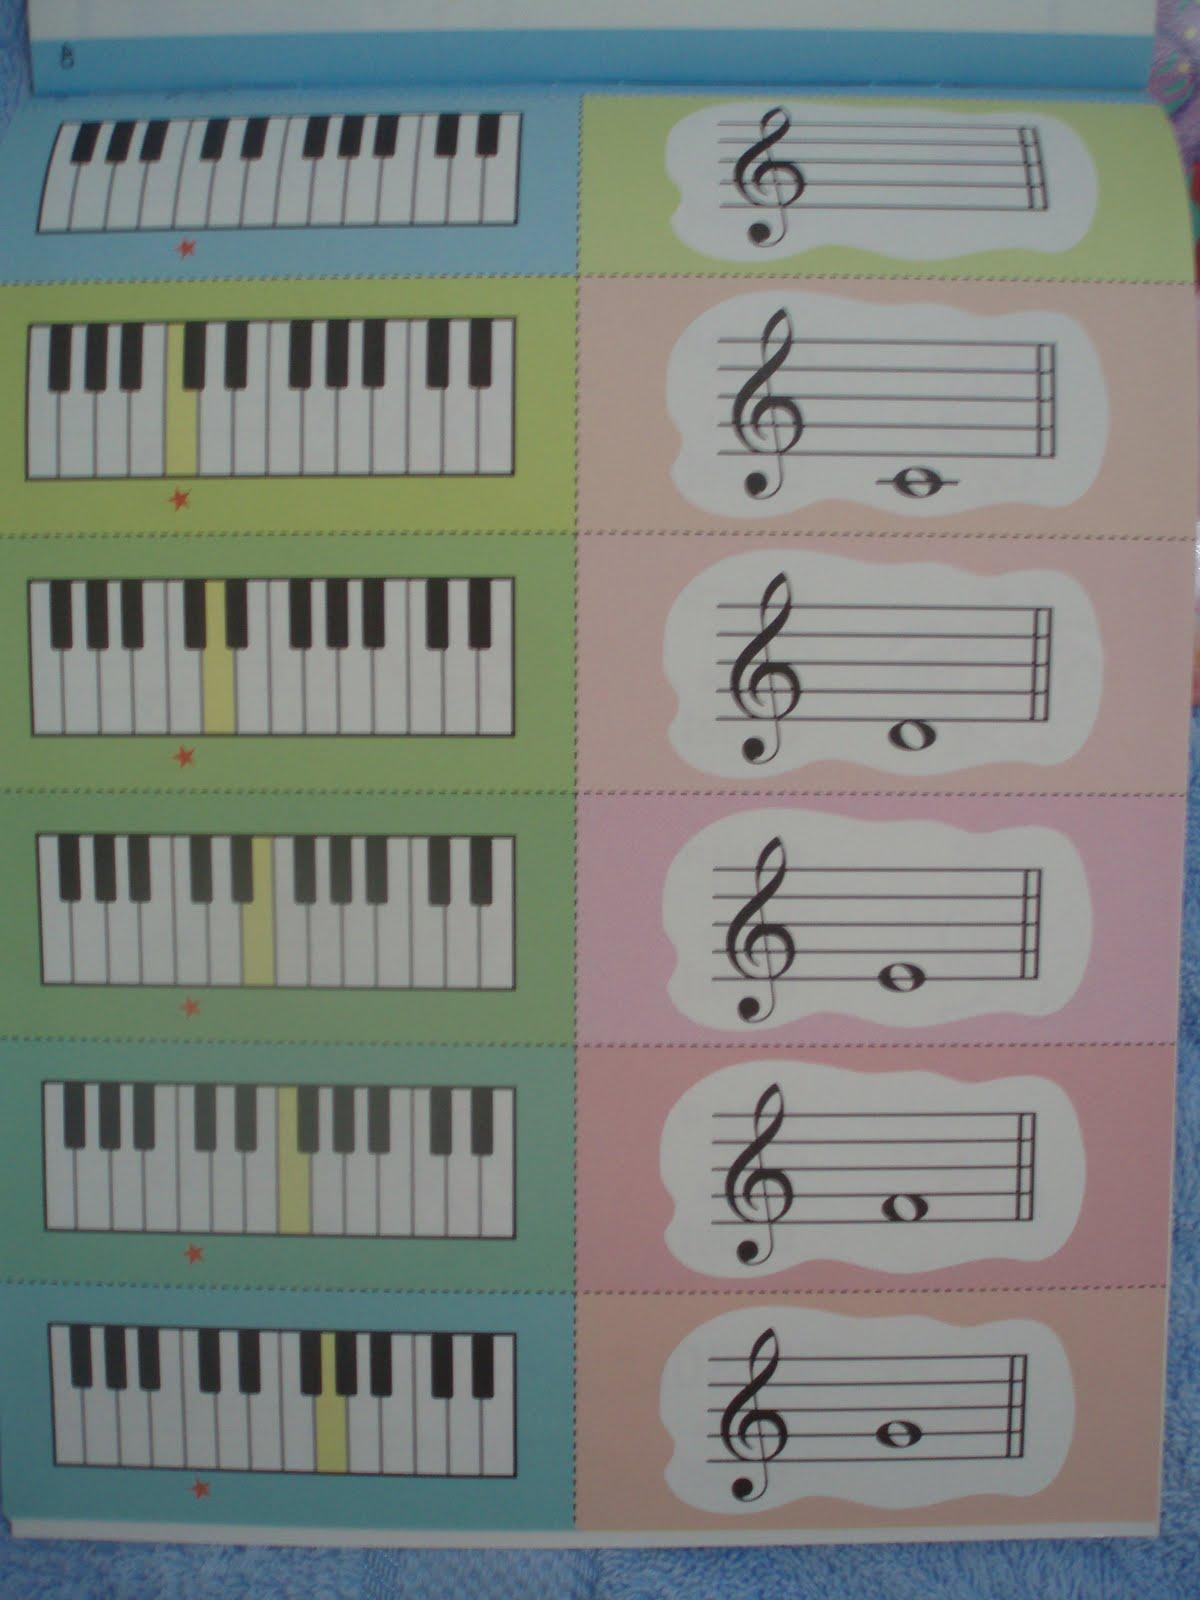 Yamaha Jmc Book  Music